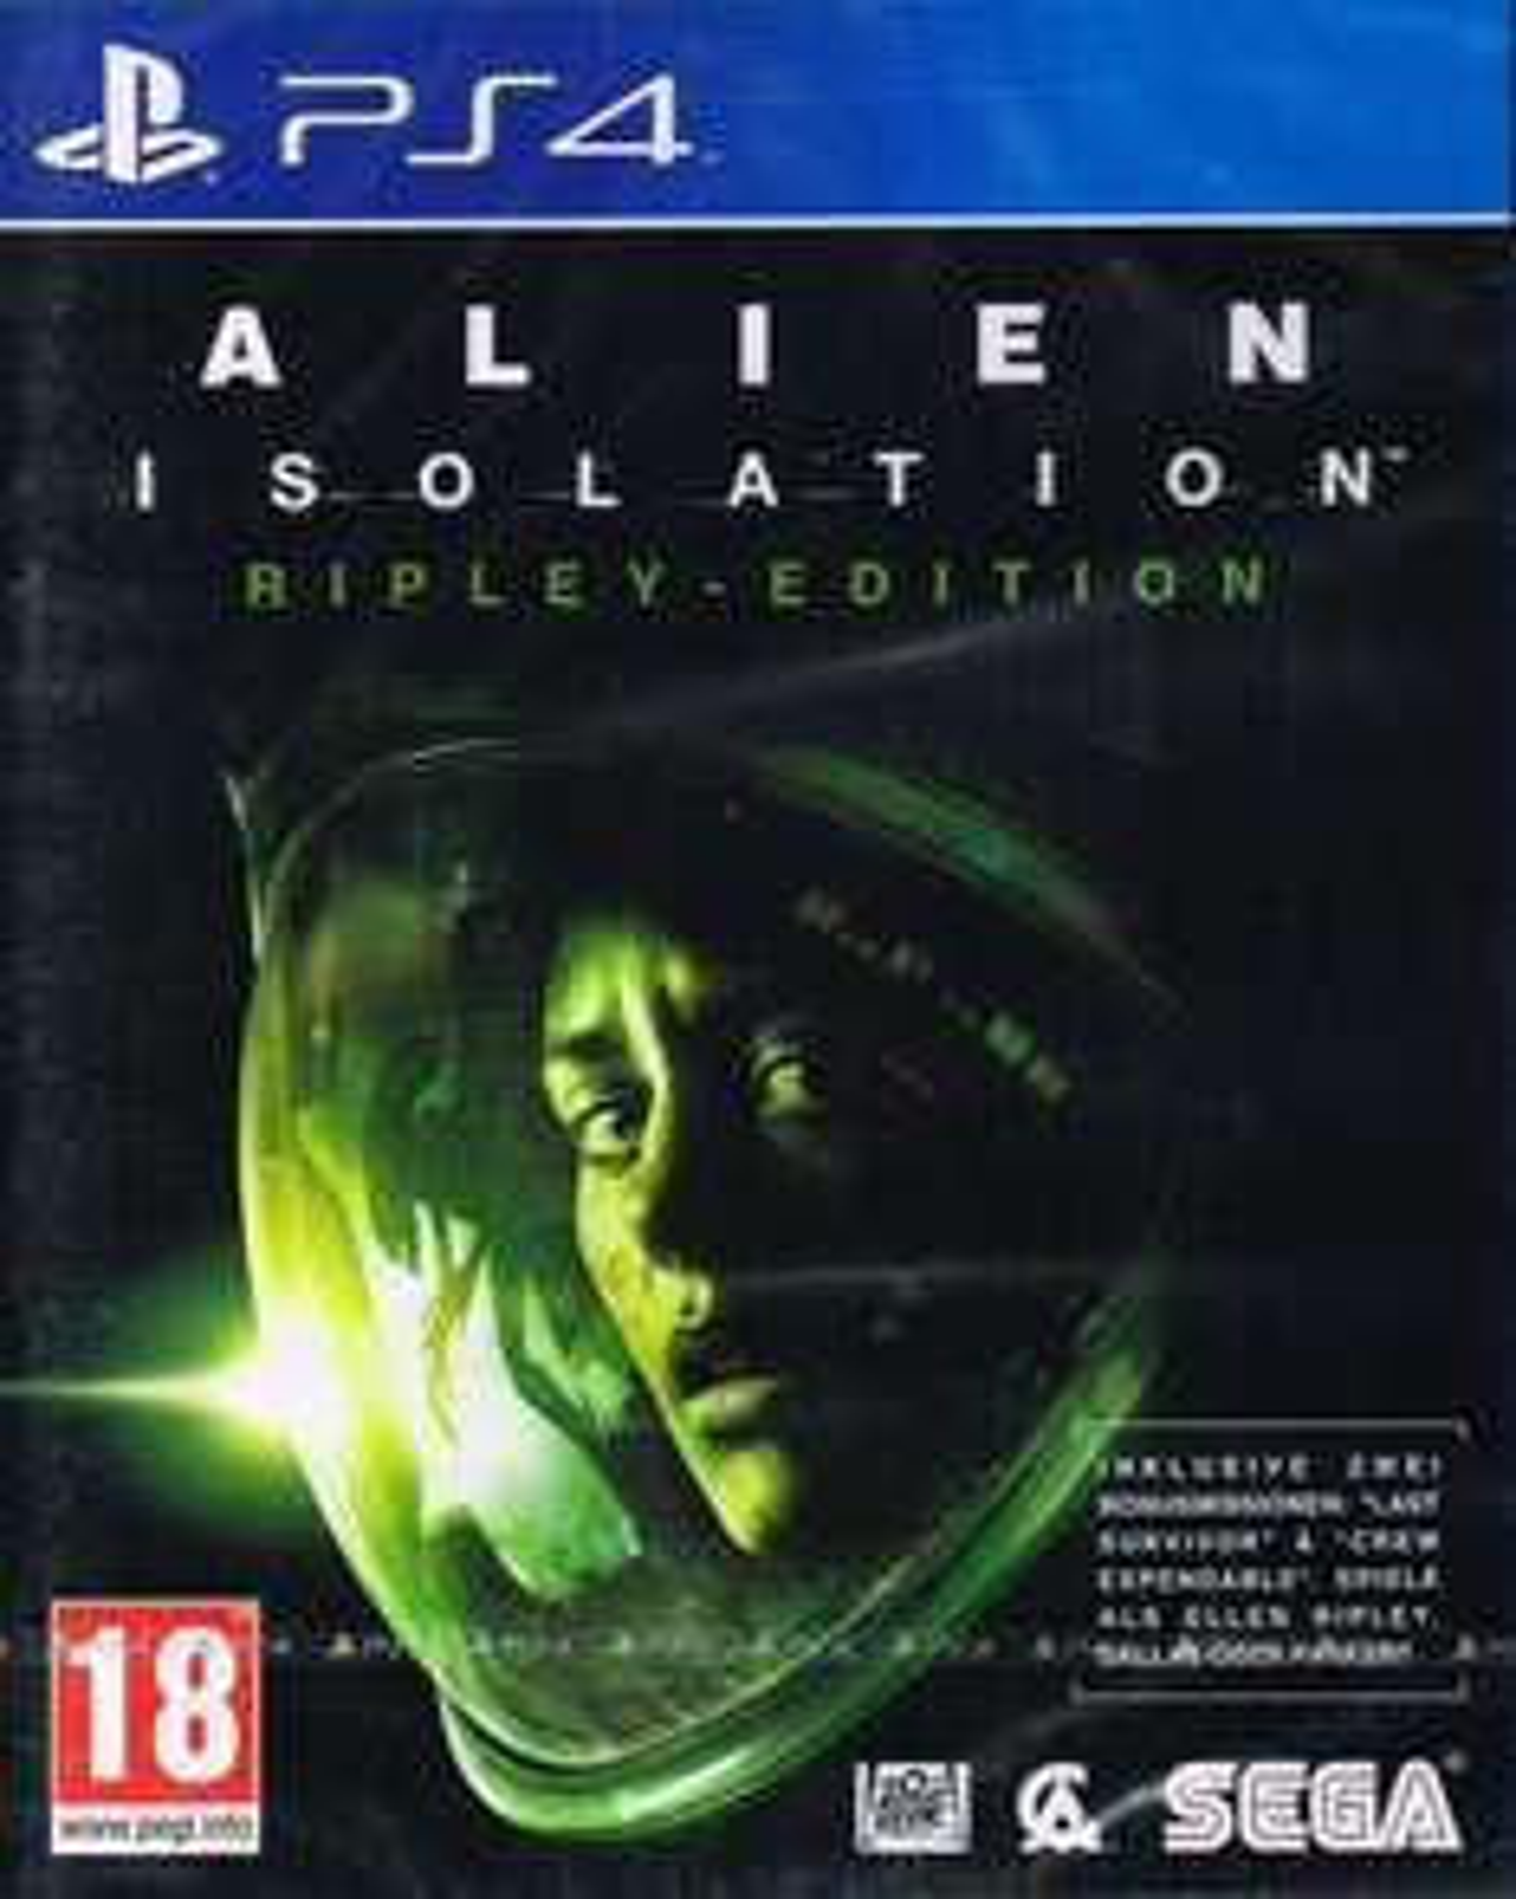 Alien: Isolation Ripley-Edition für PS4 um nur €17,50